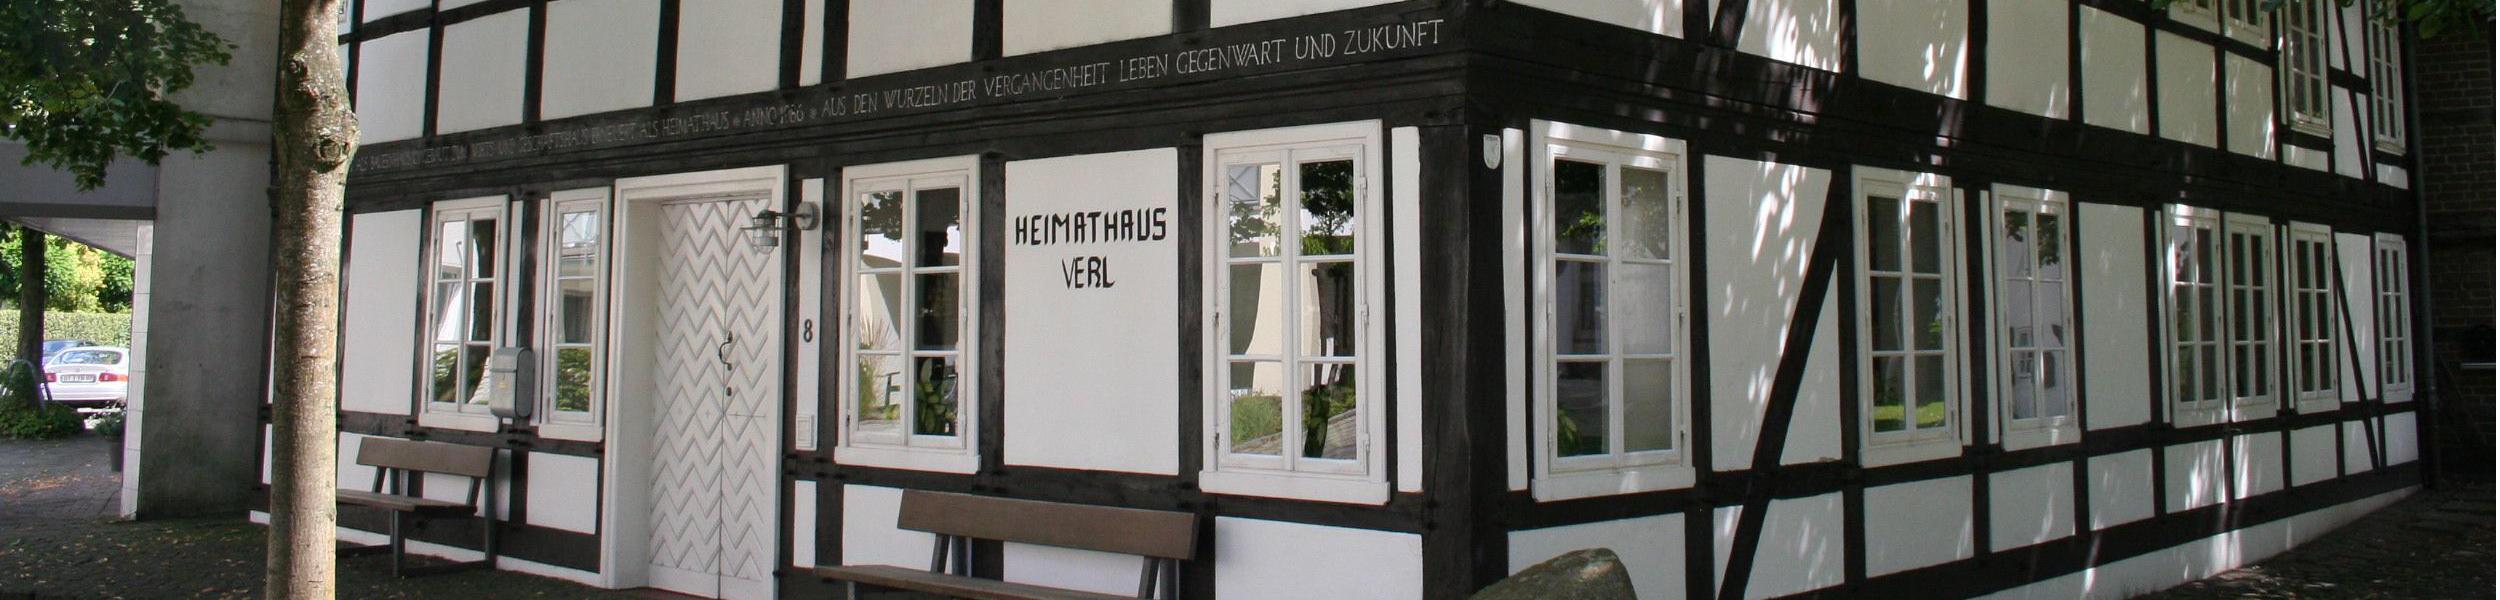 Heimathaus in Verl